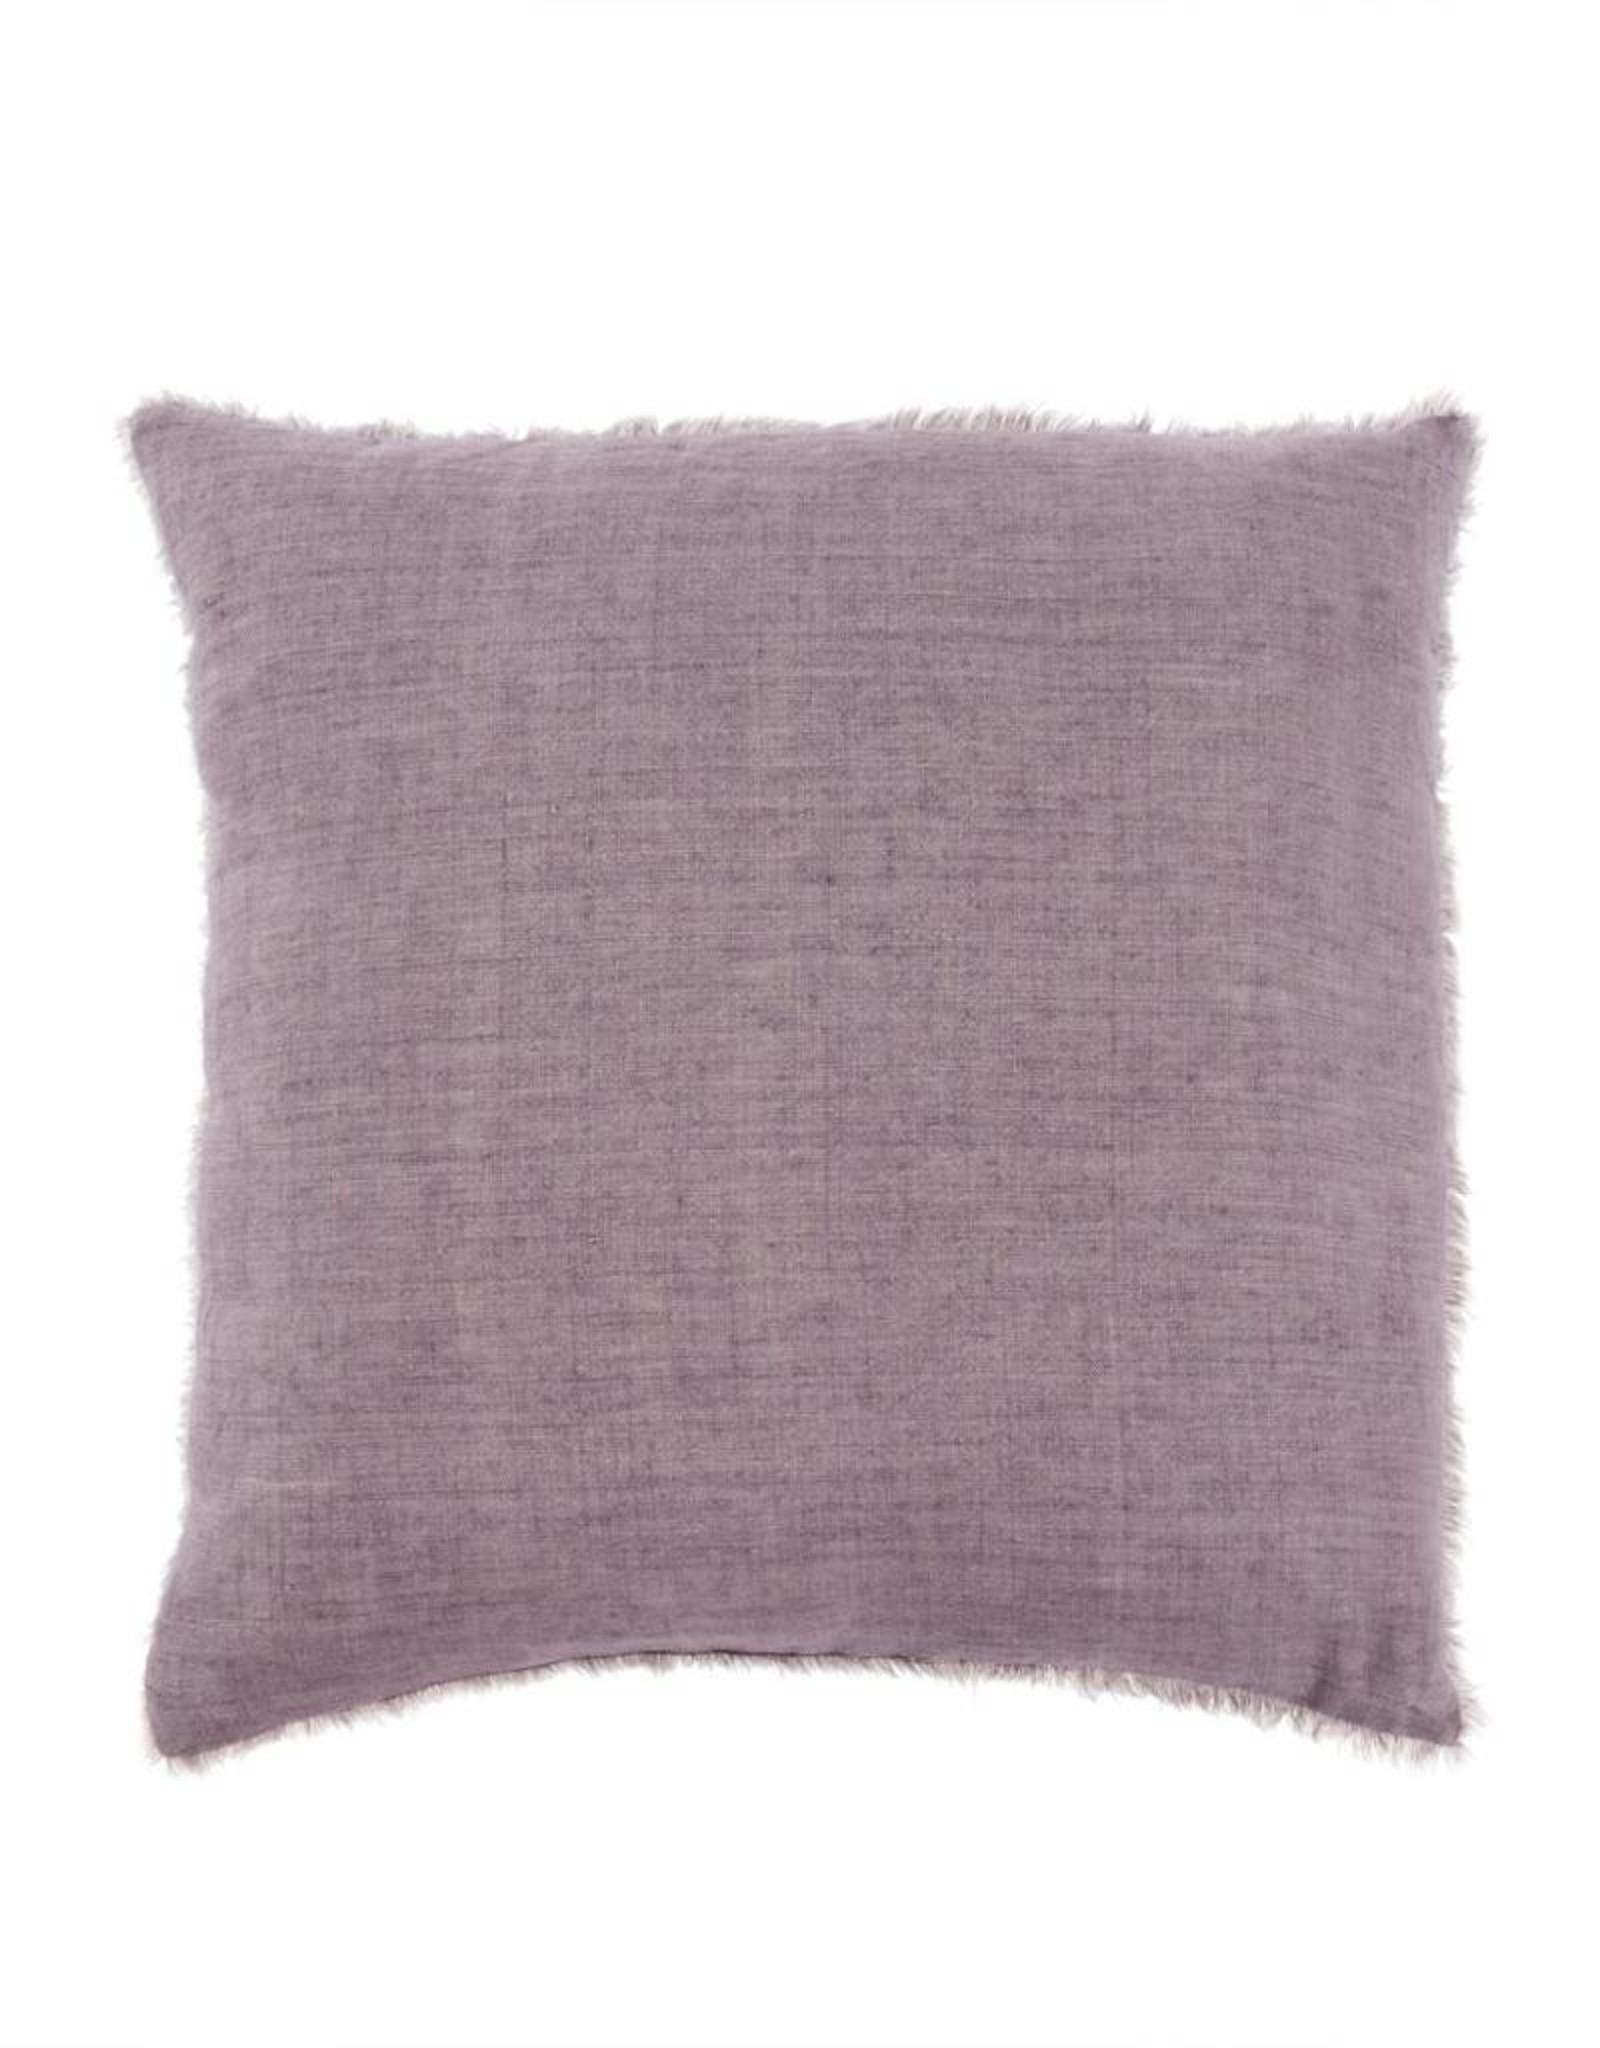 Indaba Lina Linen Pillow - Heather